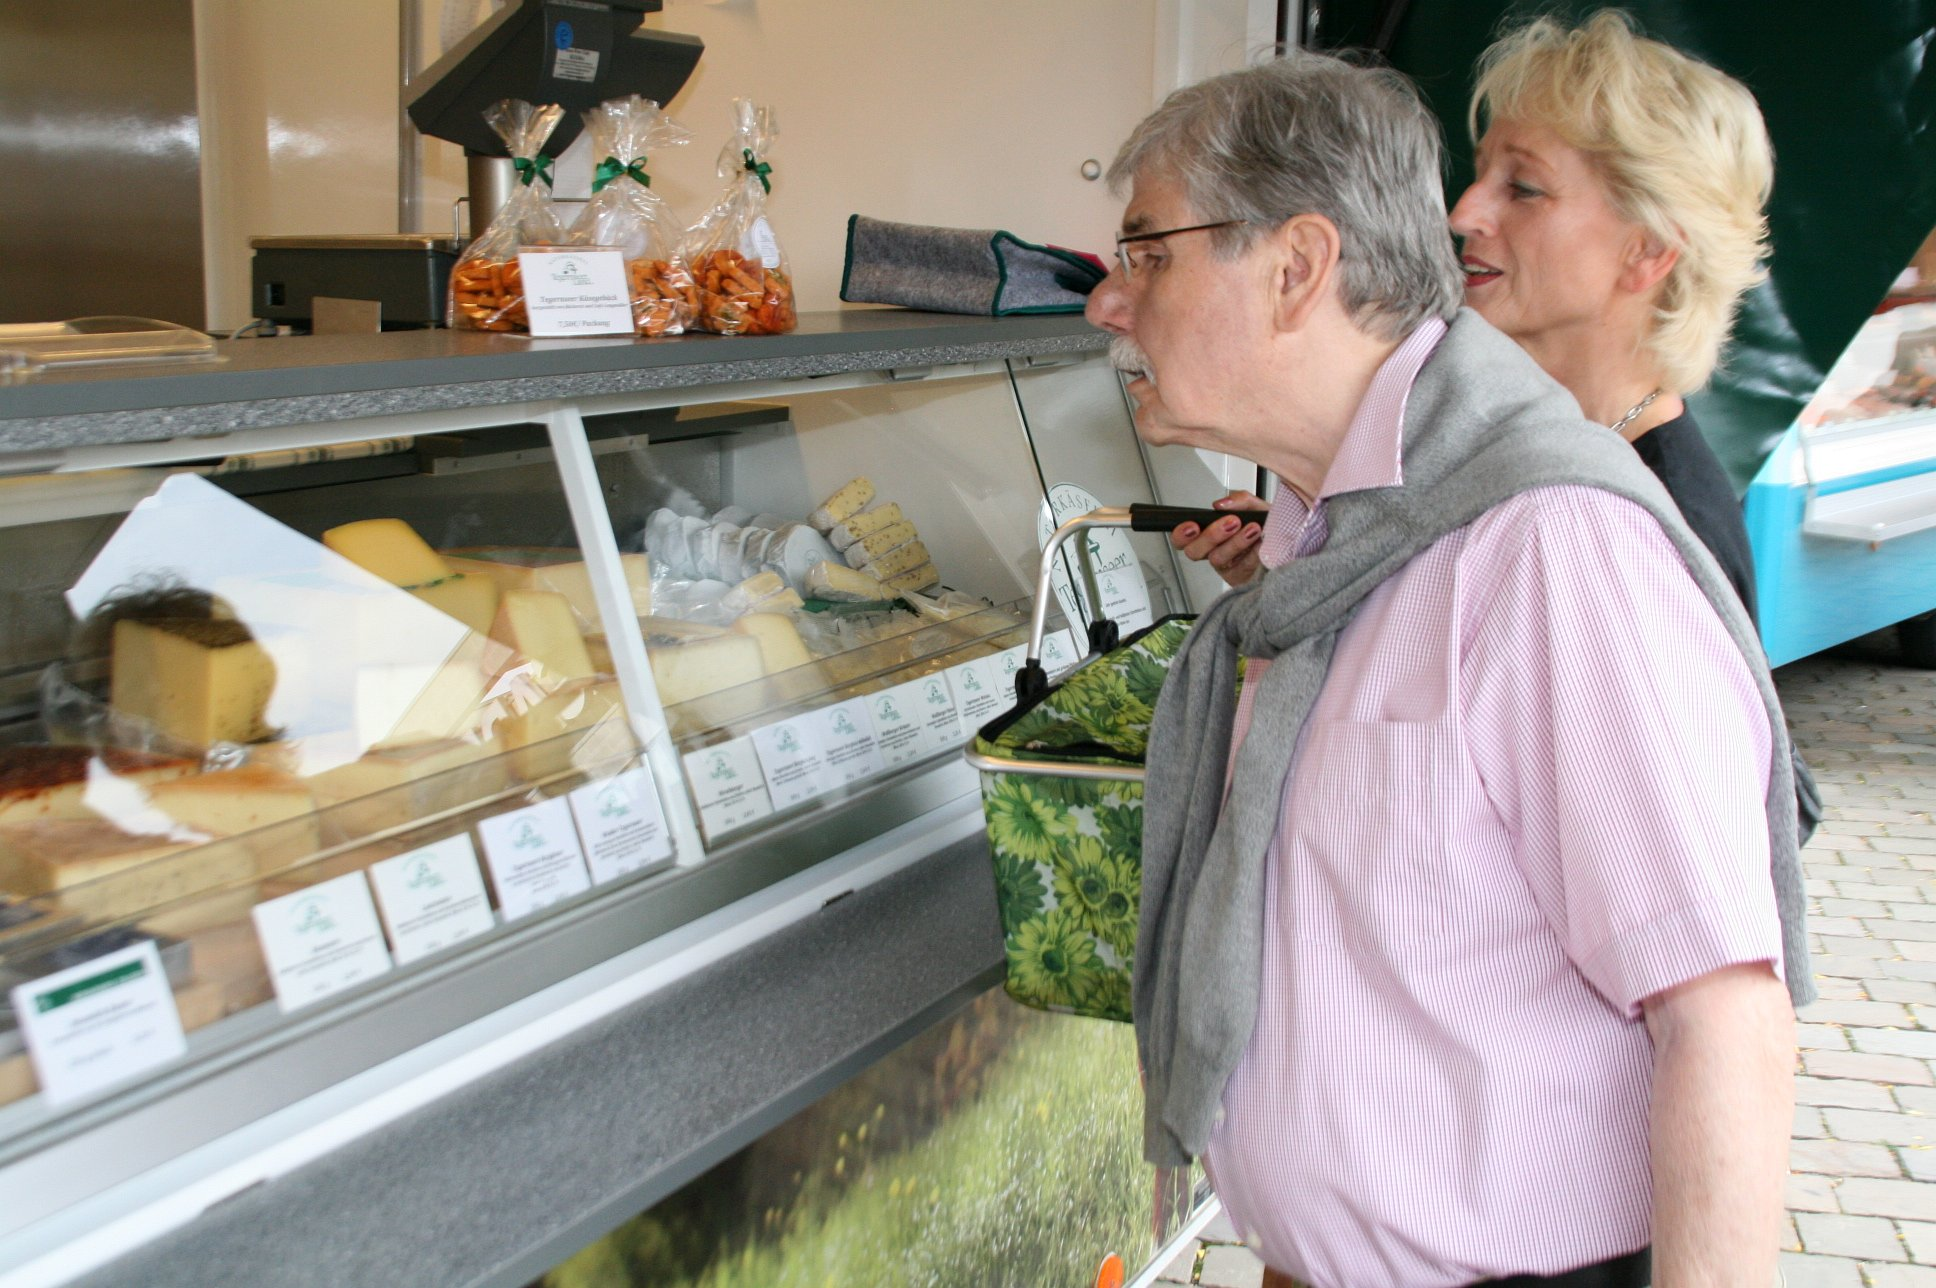 seniorenbetreuung-muenchen-lebensfreude-66-plus-kaesemarkt